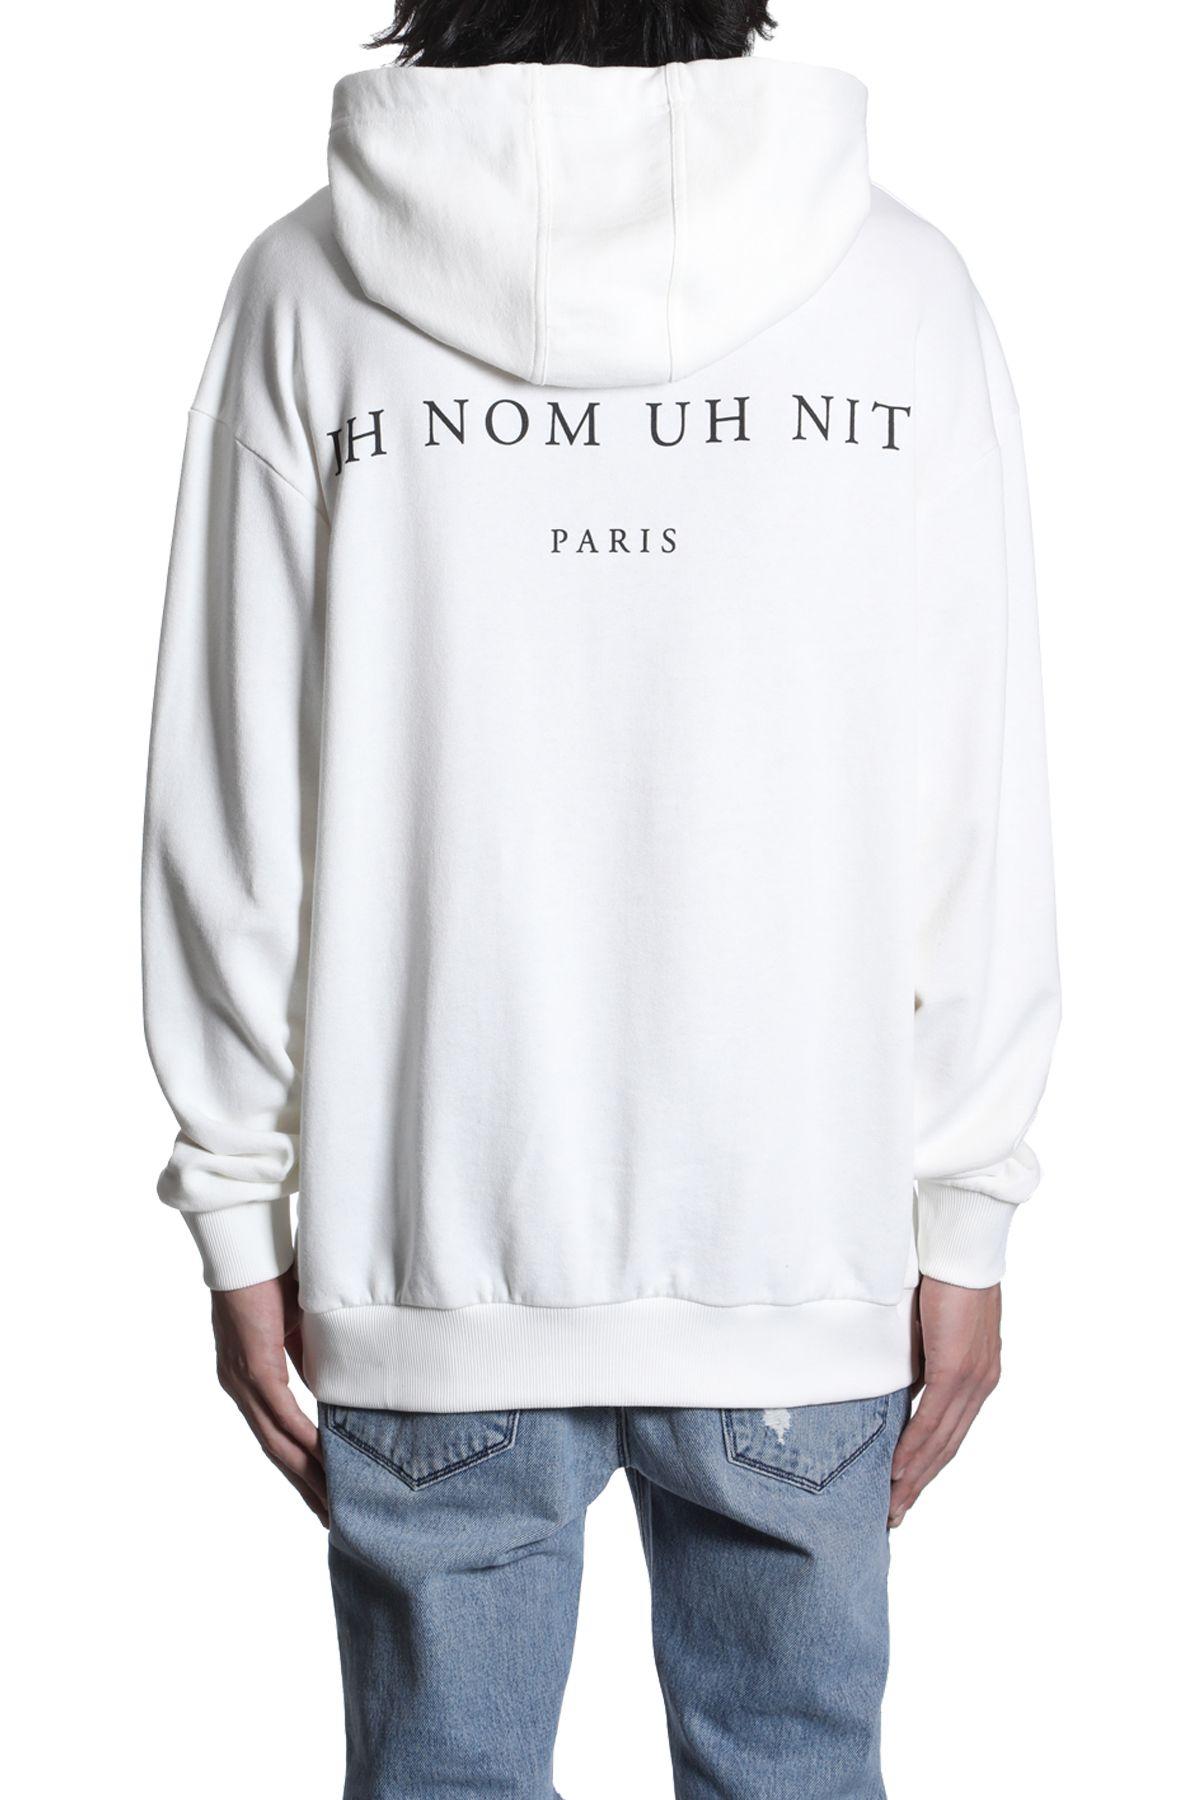 Ih Nom Uh Nit  NUS18463